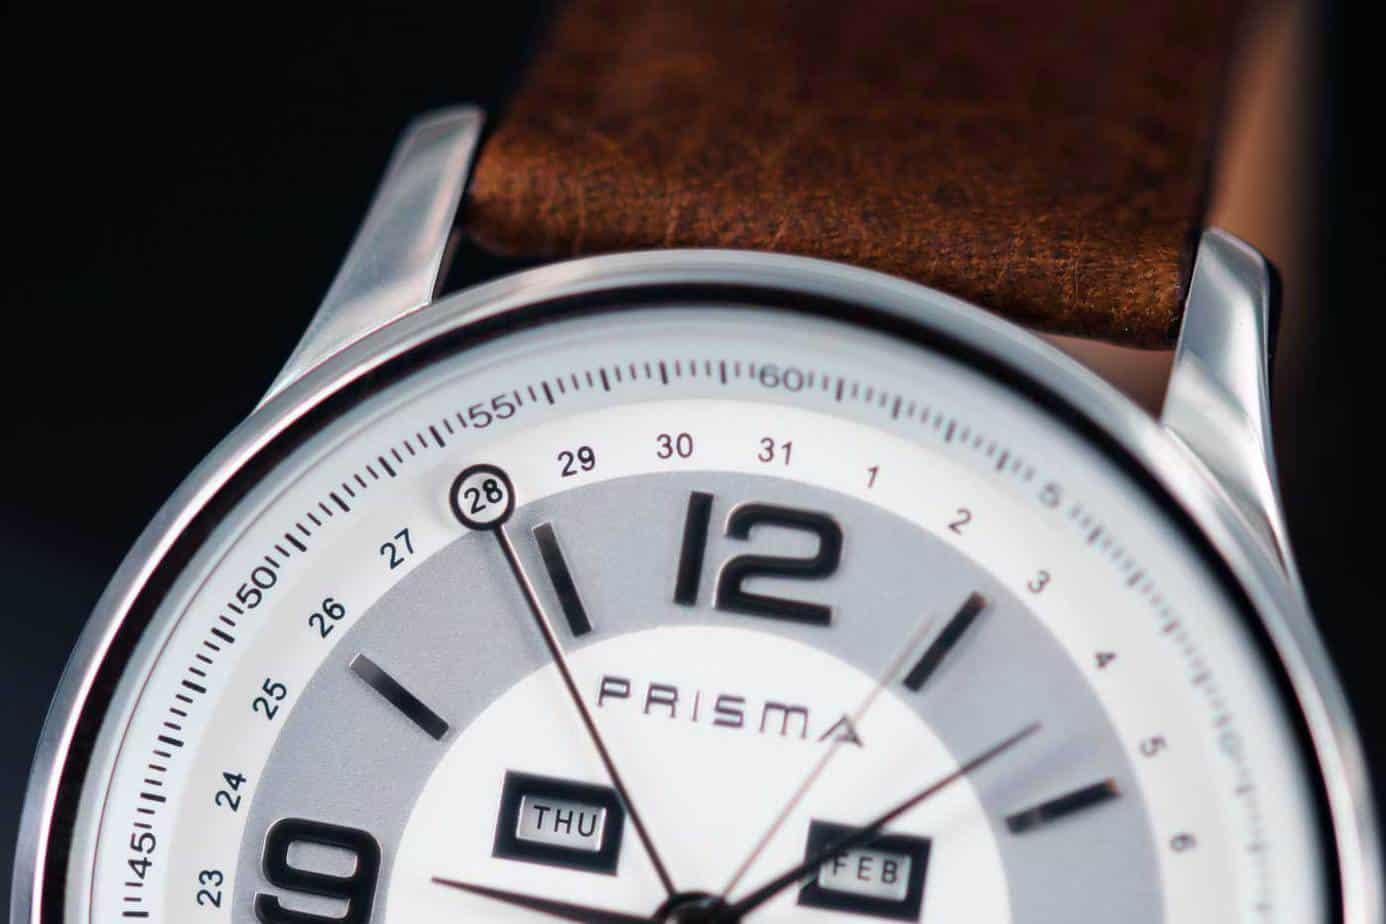 datum aanduiding horloge complicatie watch complication